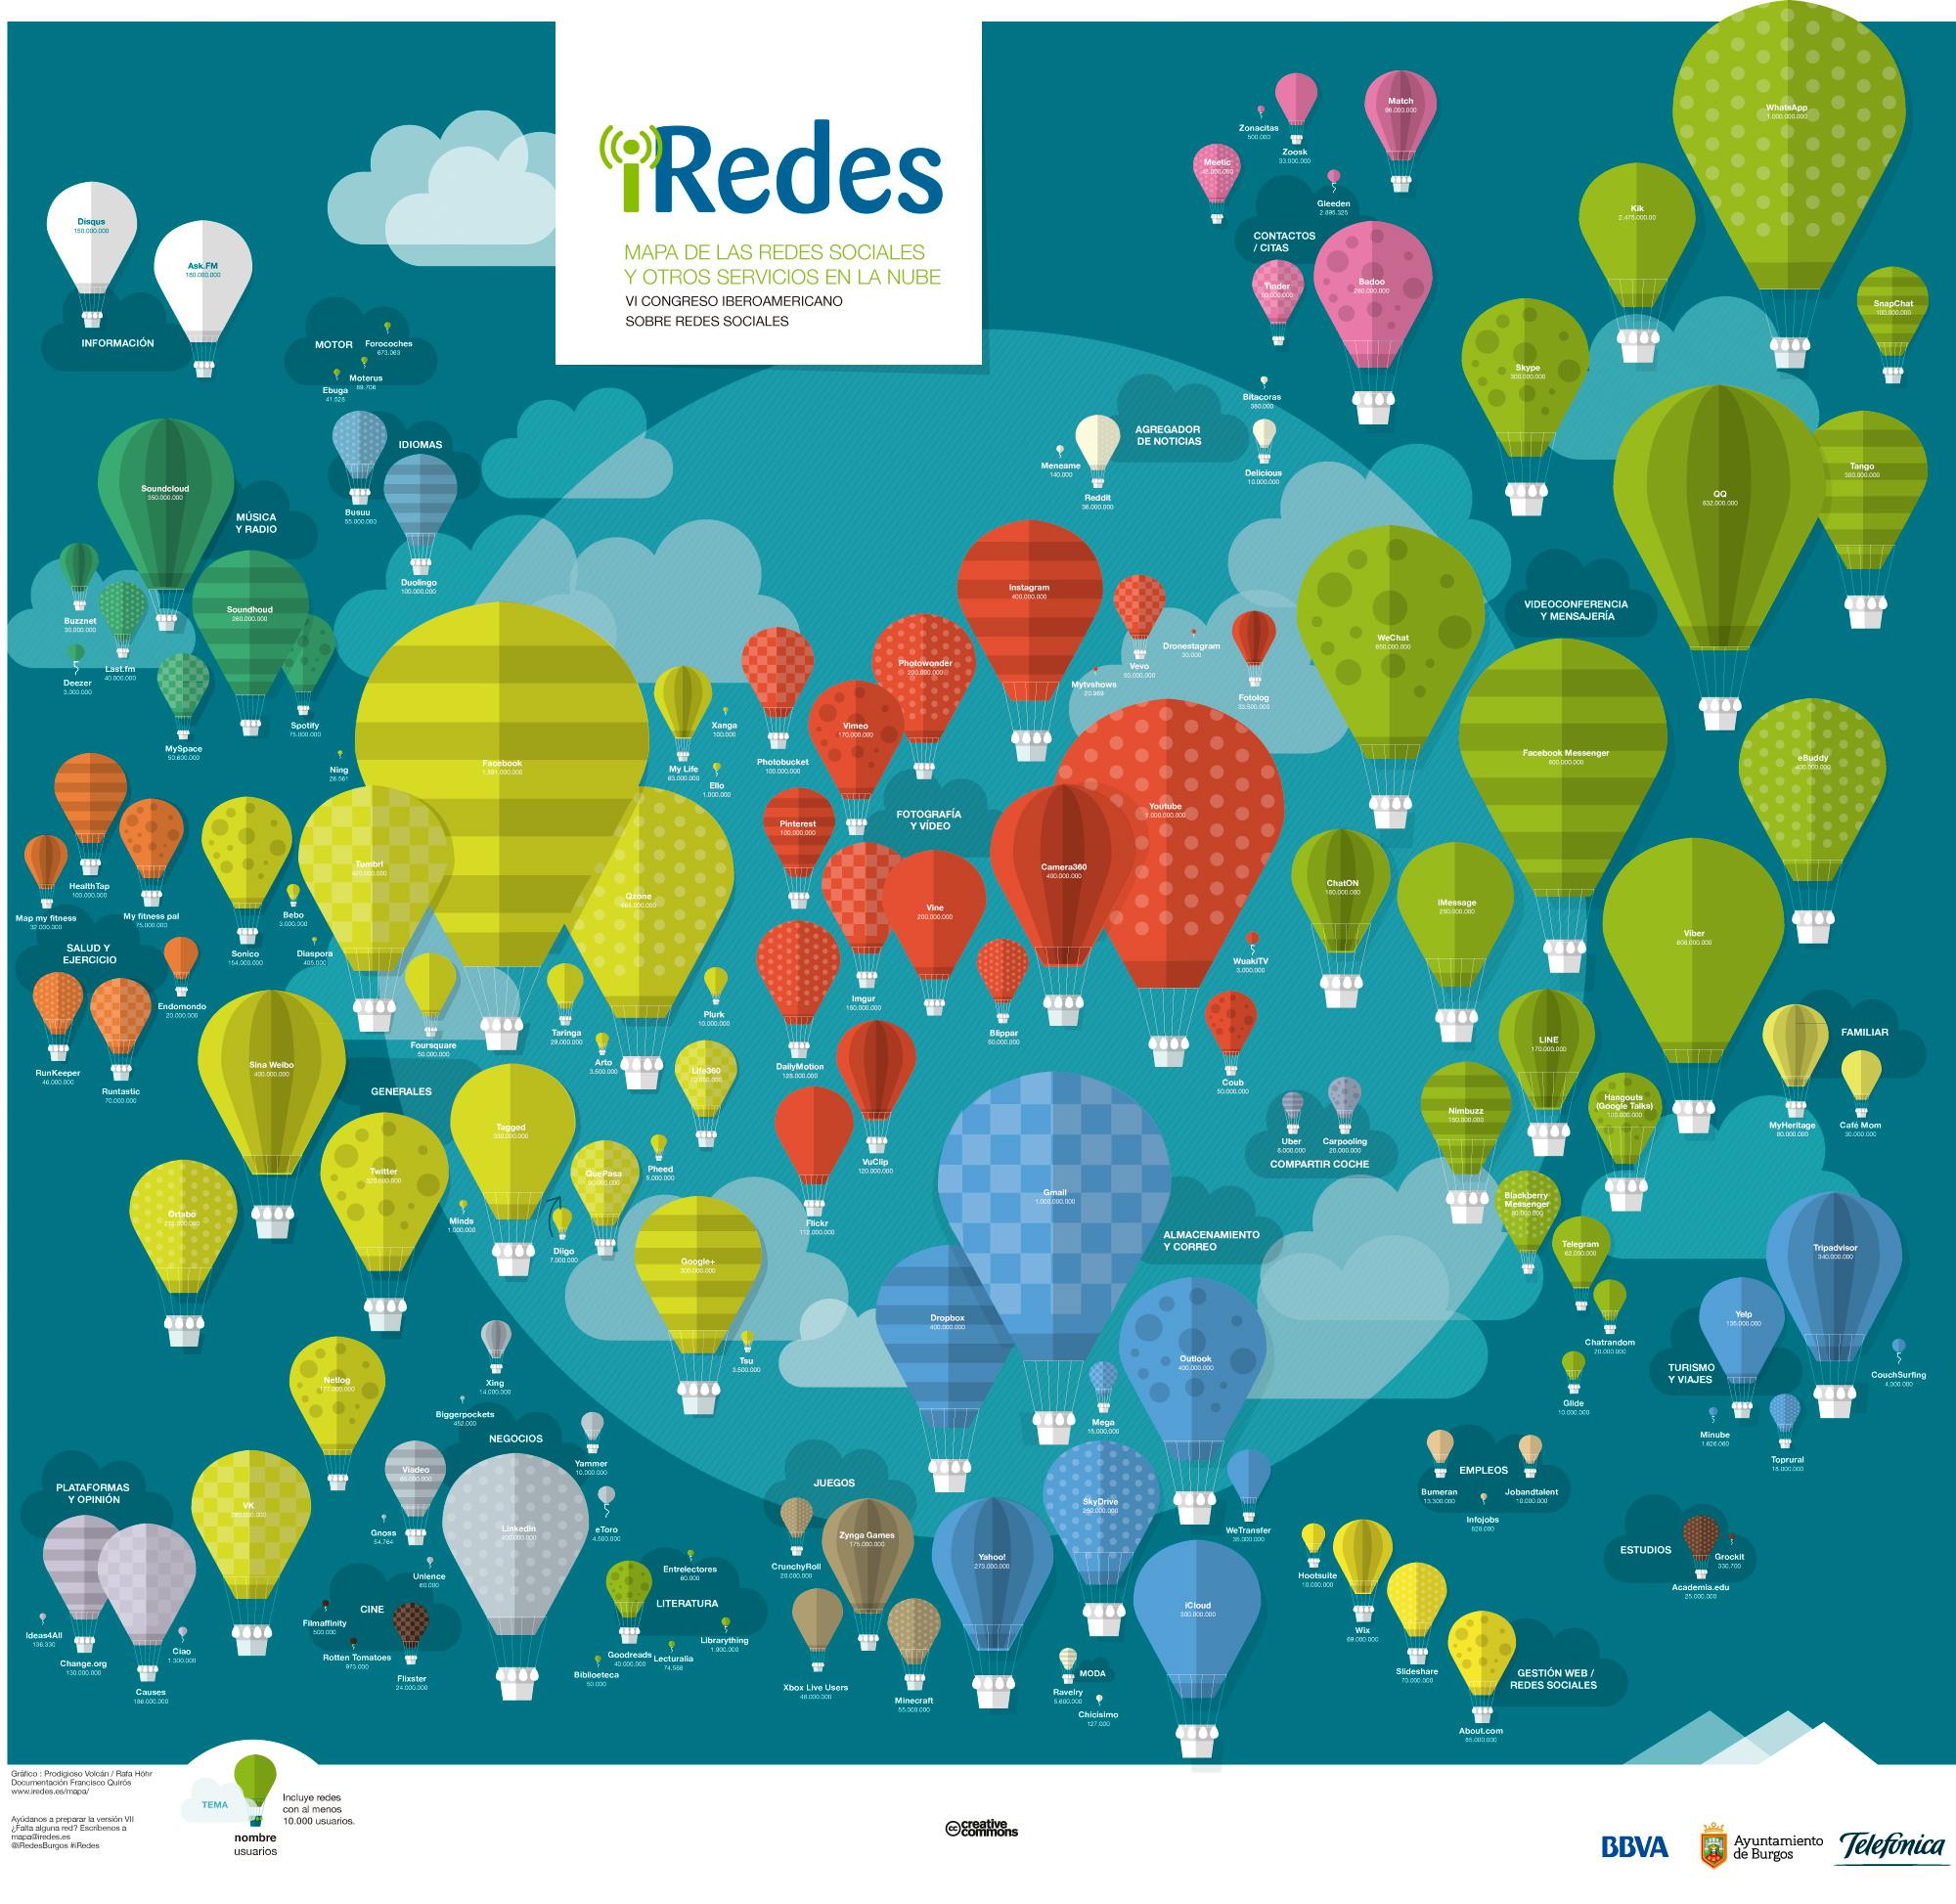 Mapa iredes sobre las redes sociales